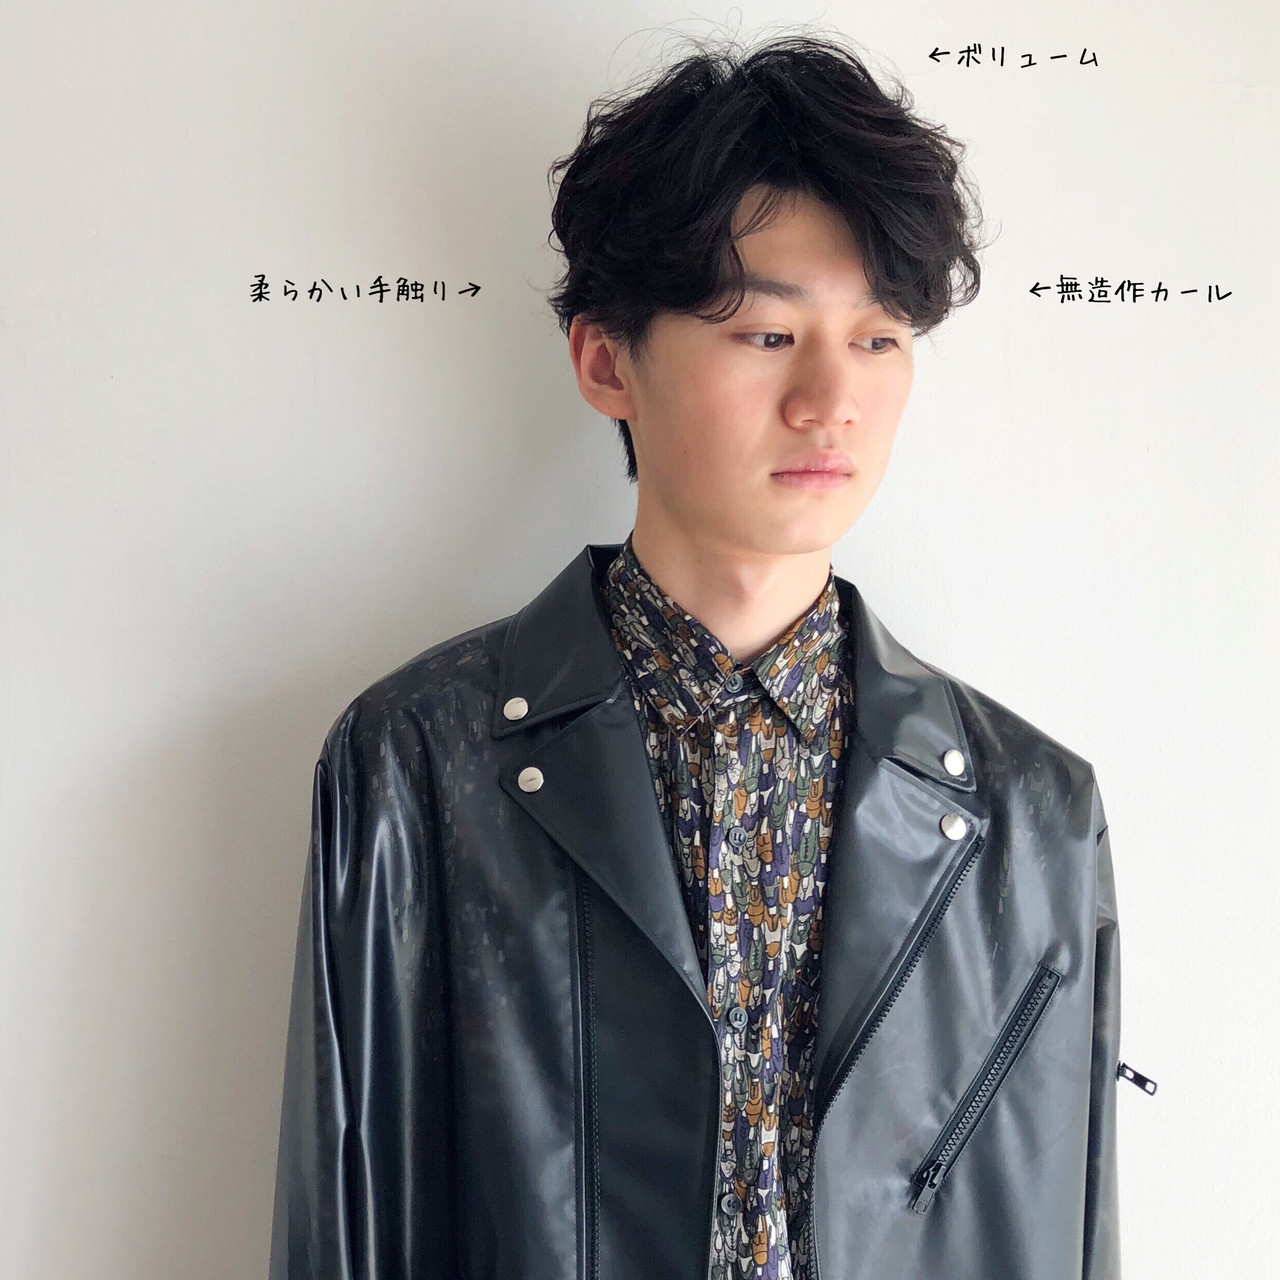 メンズヘア ショート パーマ ストリート ヘアスタイルや髪型の写真・画像 | anti_RIKUSHI / ANTI